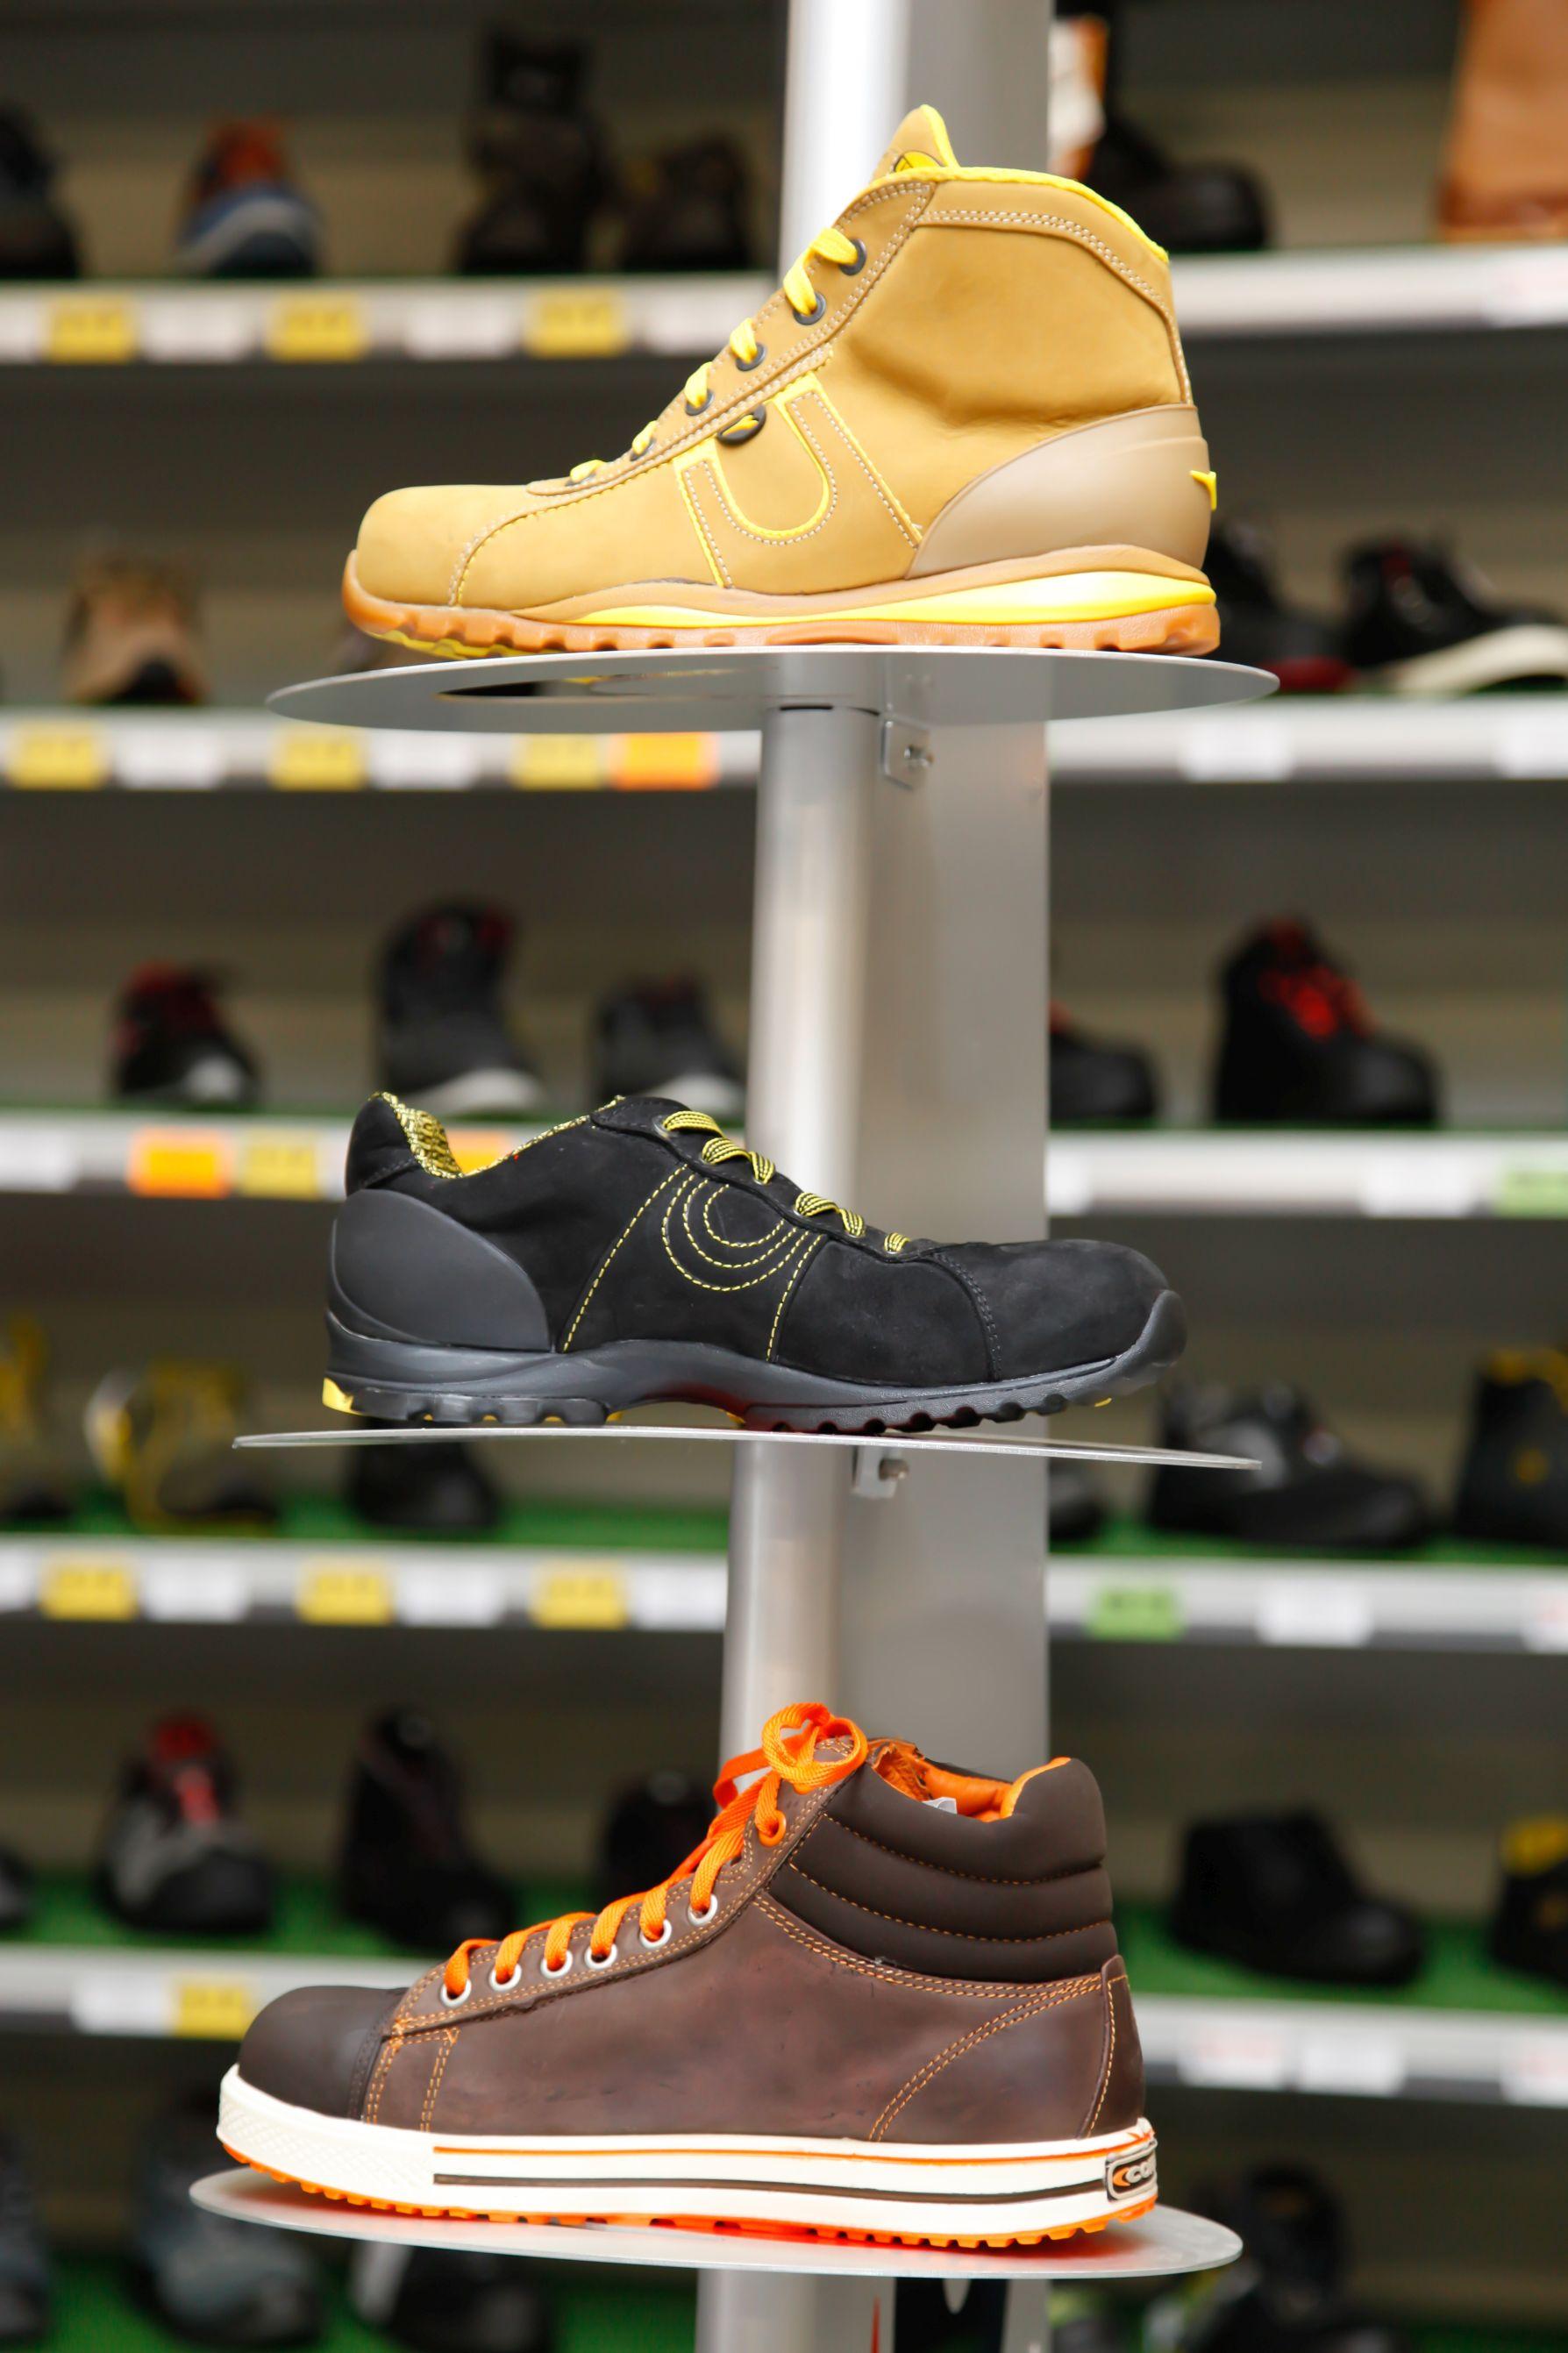 nous vous proposons un grand choix de chaussures de sécurité